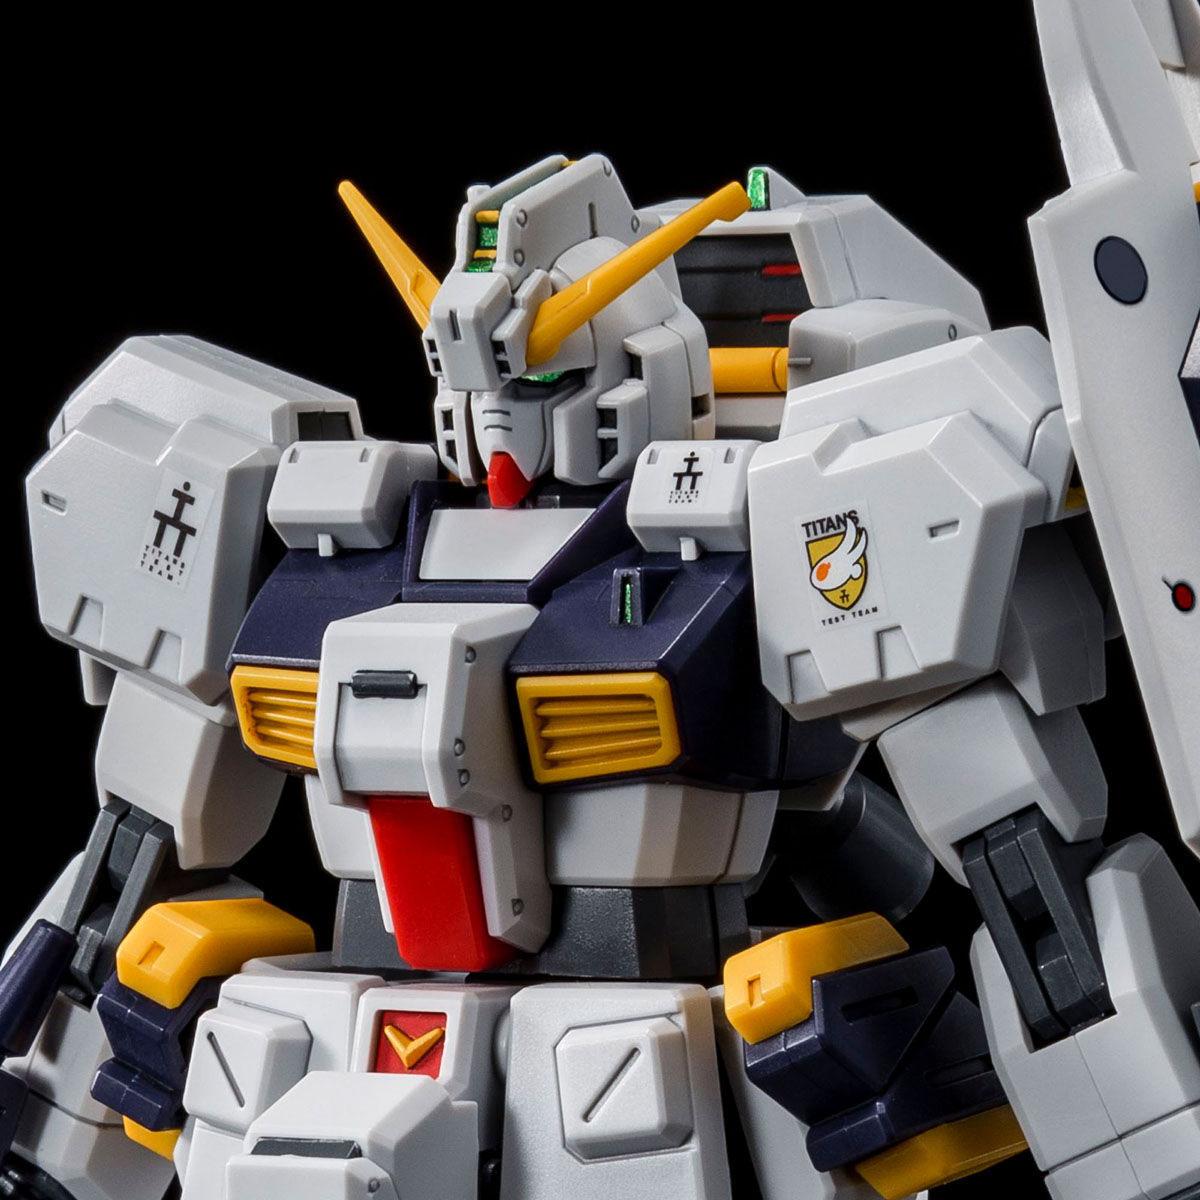 HG 1/144『ガンダムTR-1[ヘイズル改]&ガンダムTR-6用拡張パーツ』プラモデル-001